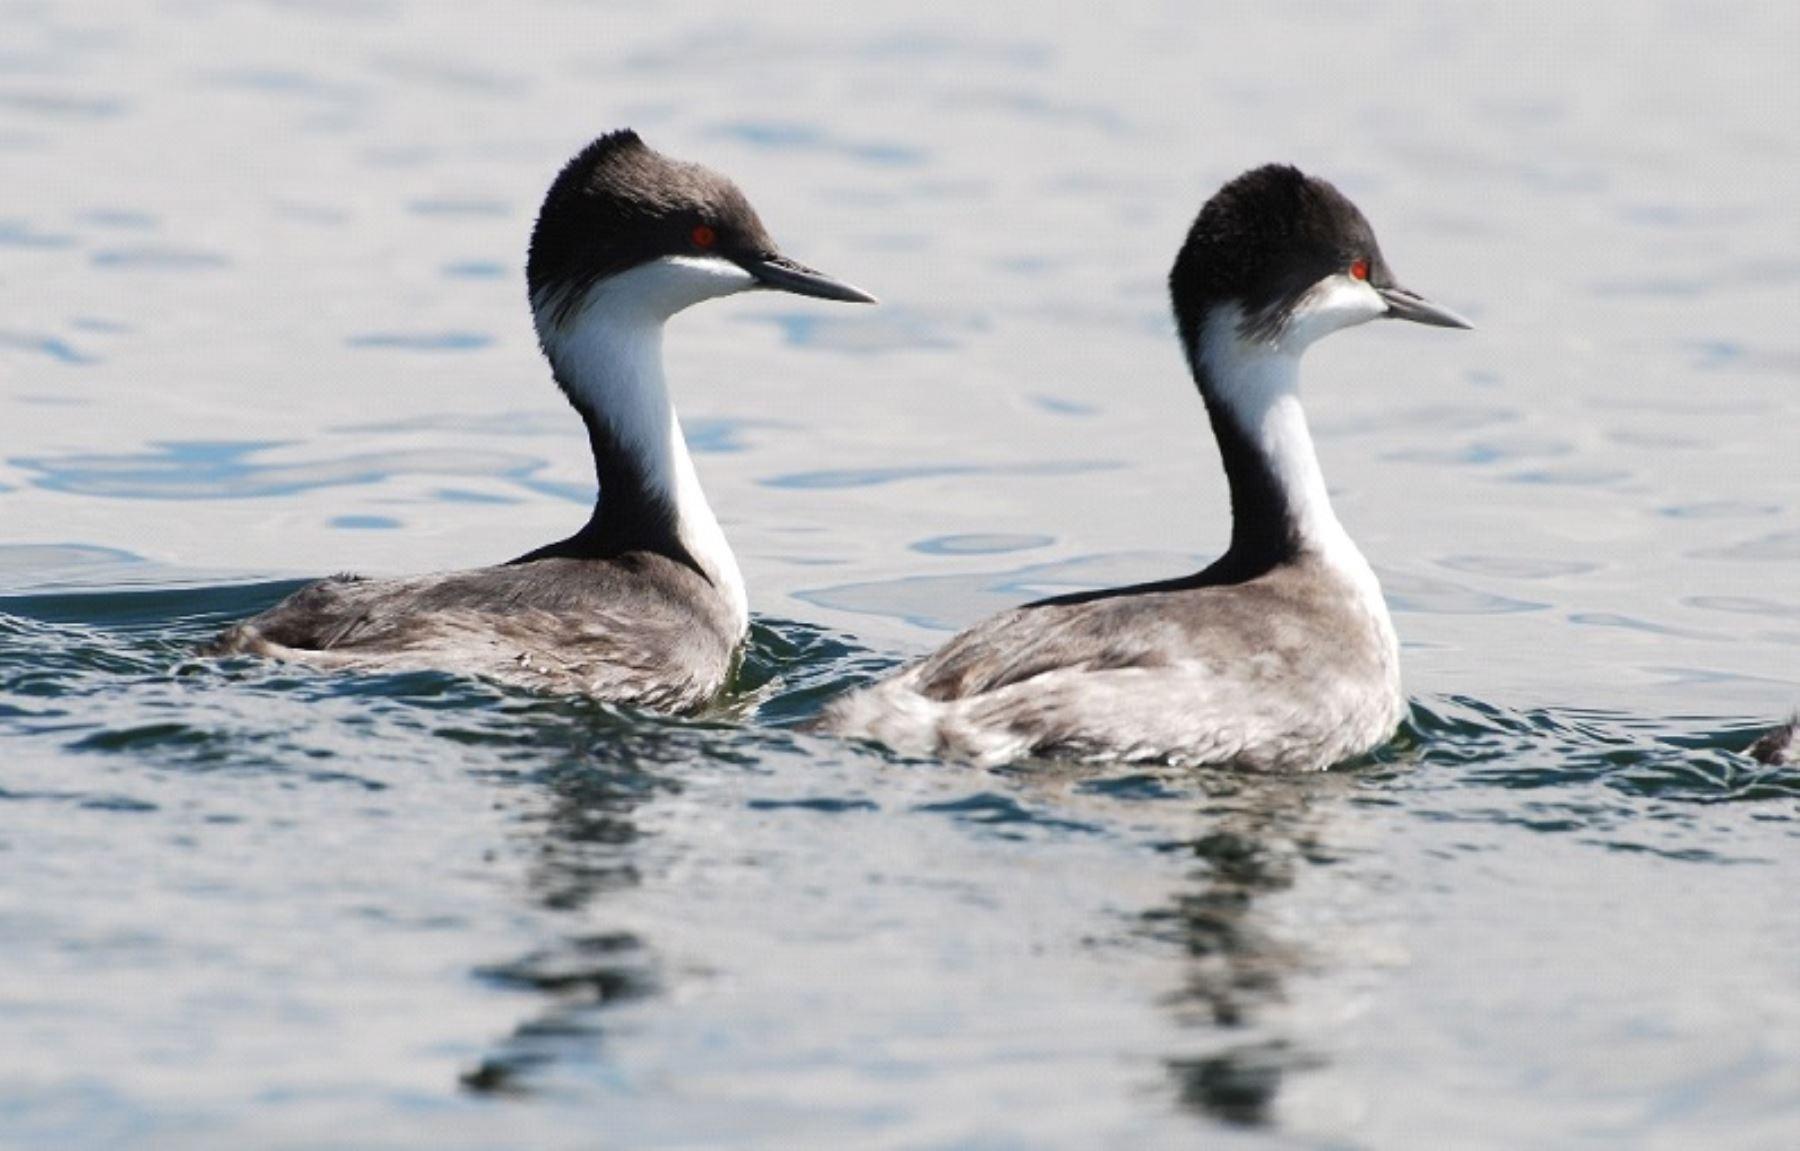 El Zambullidor de Junín ocupa cerca del 50 % del lago Junín, la única localidad en la que se encuentra esta especie. Foto: Agencia Andina.